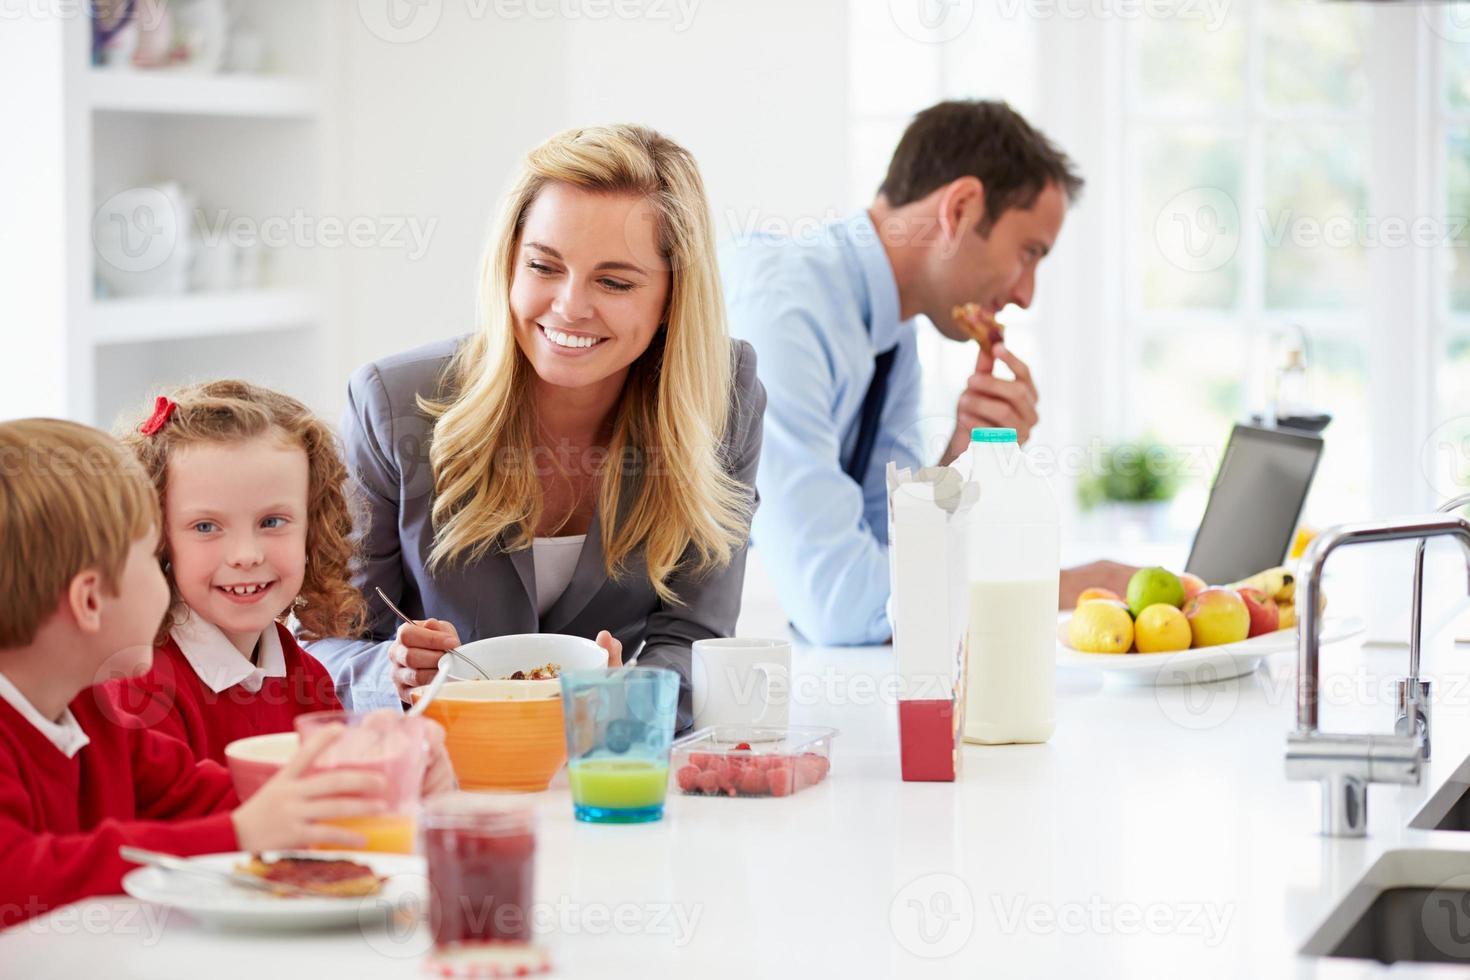 famiglia facendo colazione in cucina prima di andare a scuola e al lavoro foto